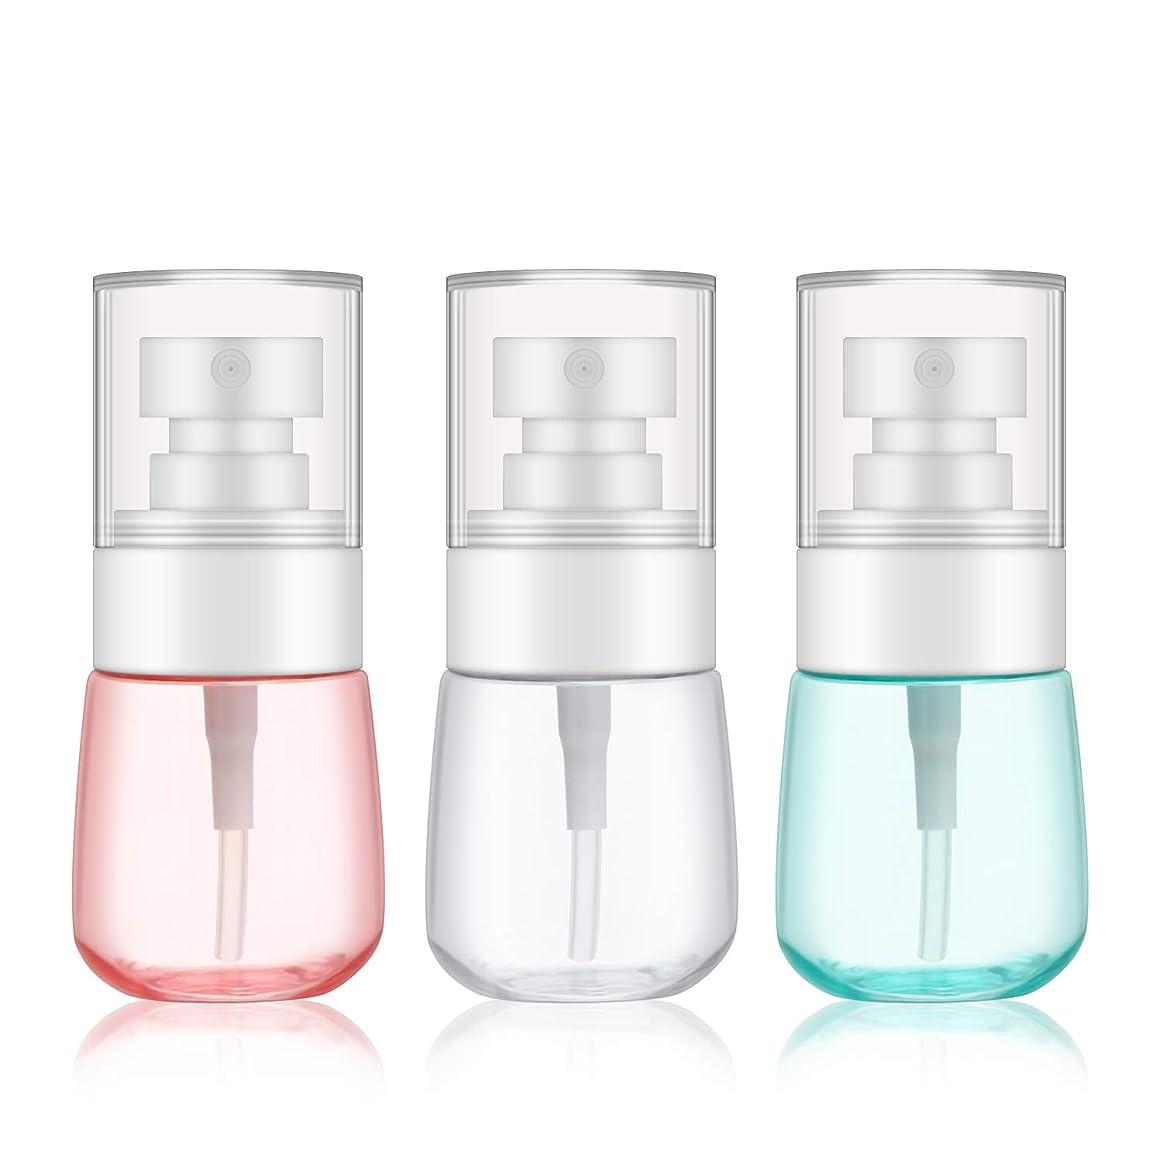 Segbeauty スプレーボルト 3本入り 30ml PET製 三色 化粧水の詰替用 極細のミストを噴霧する 旅行用の霧吹き 小分けの容器 アルコール消毒用 アトマイザー